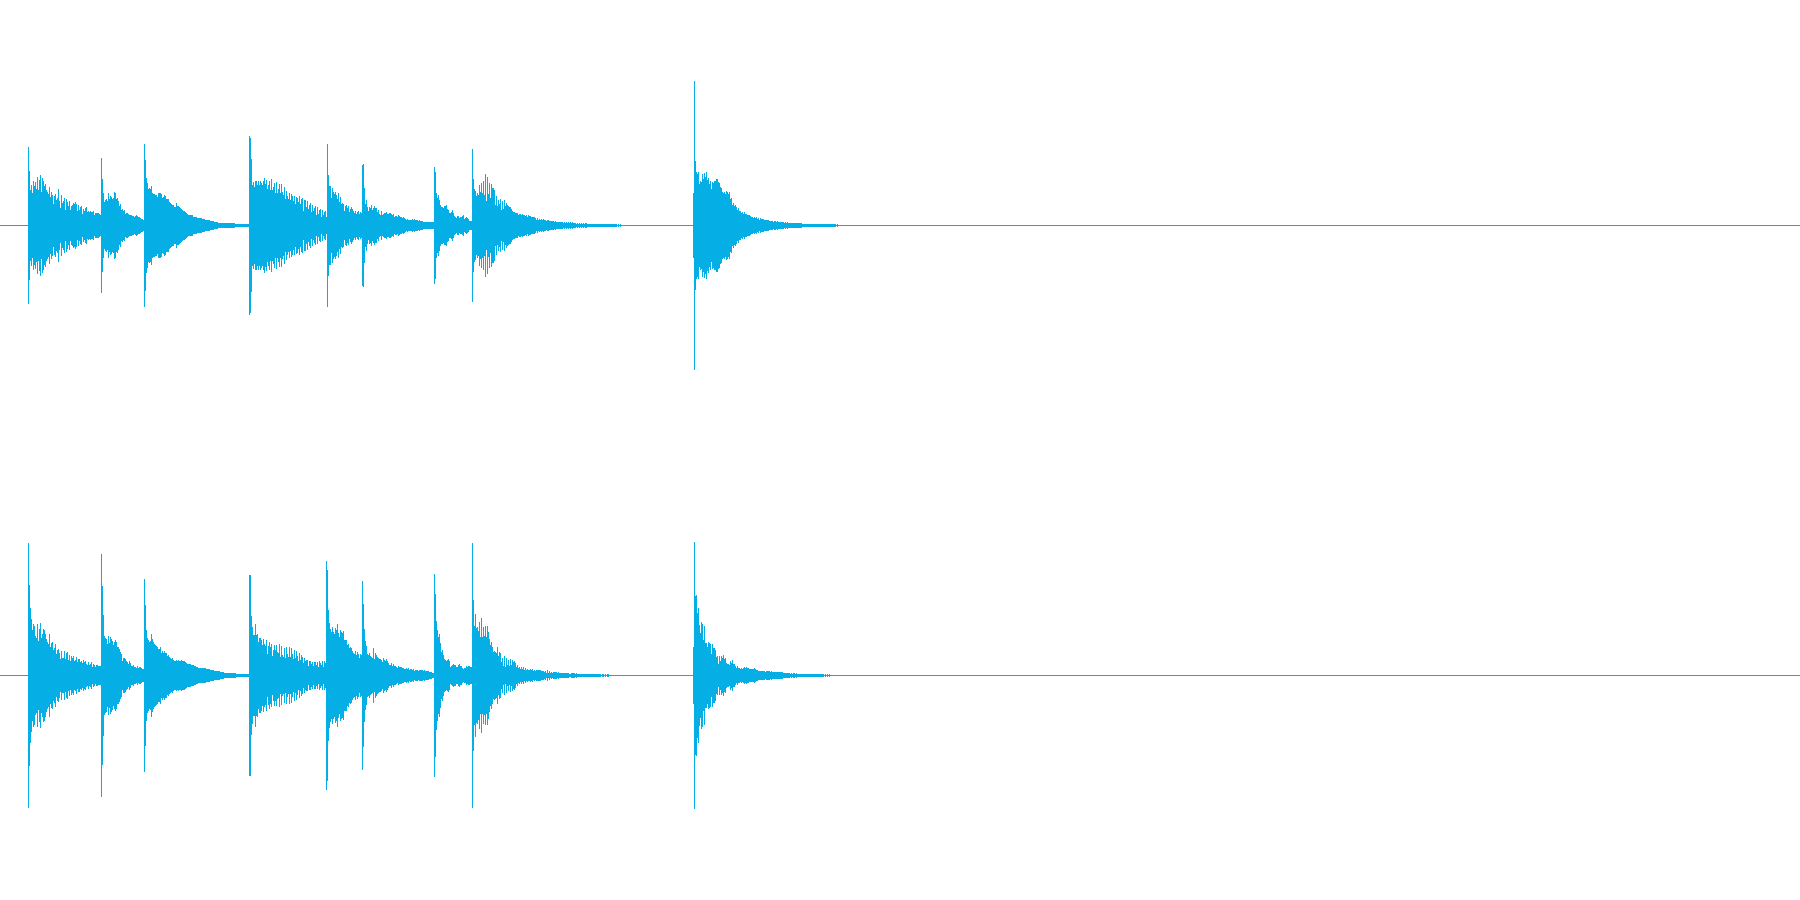 可愛い音のシロフォンを用いたジングルの再生済みの波形